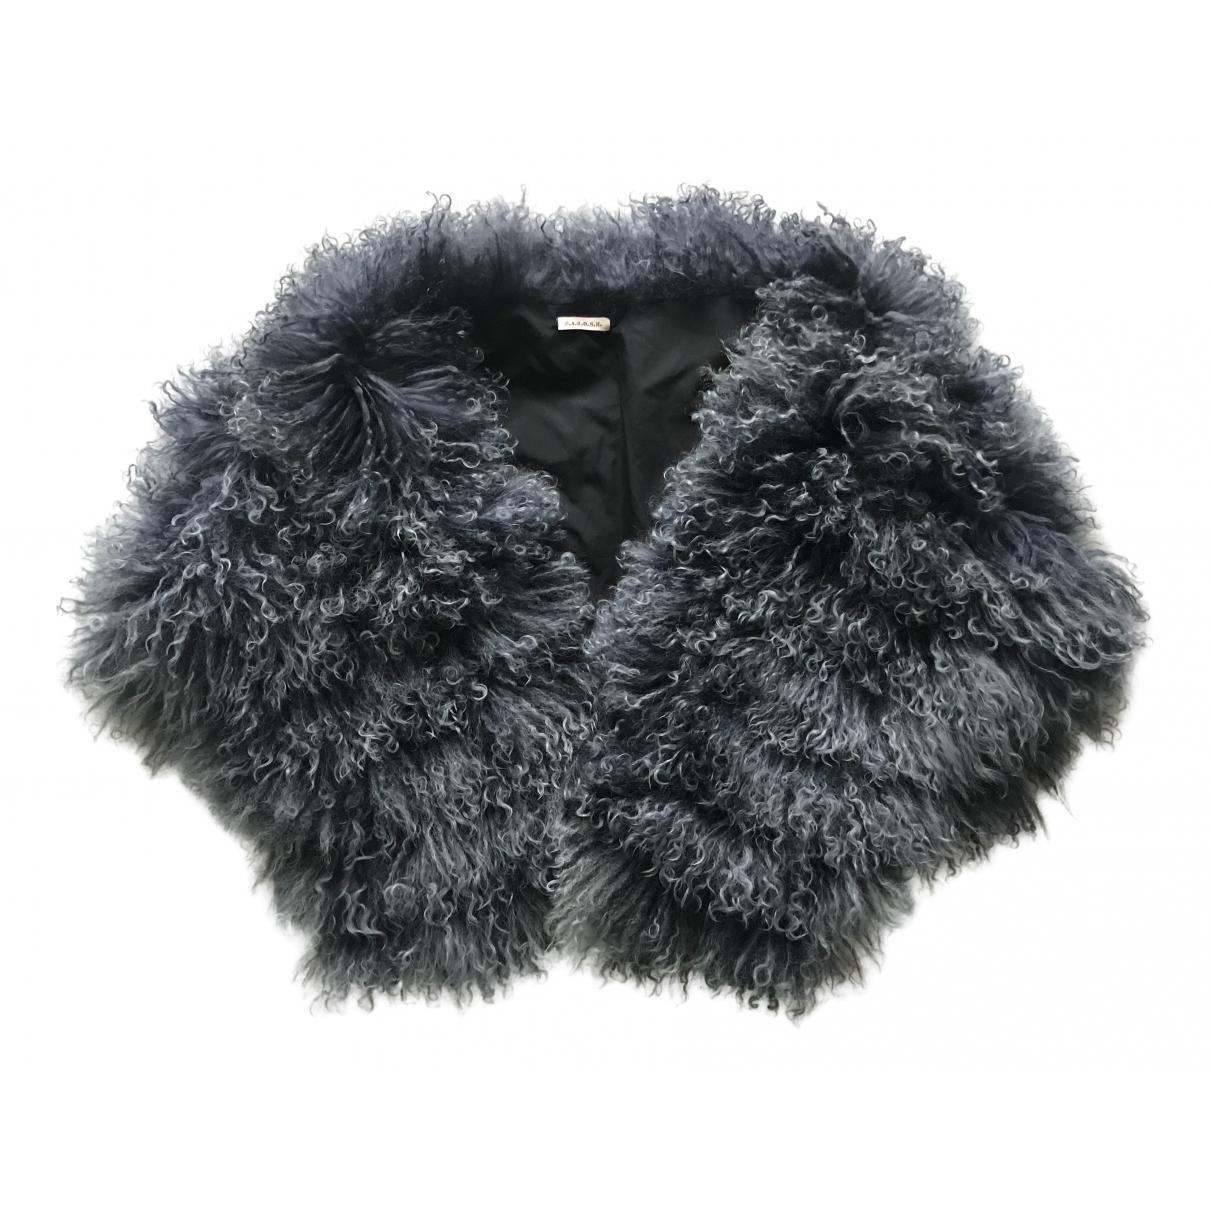 Parosh - Manteau   pour femme en agneau de mongolie - bleu